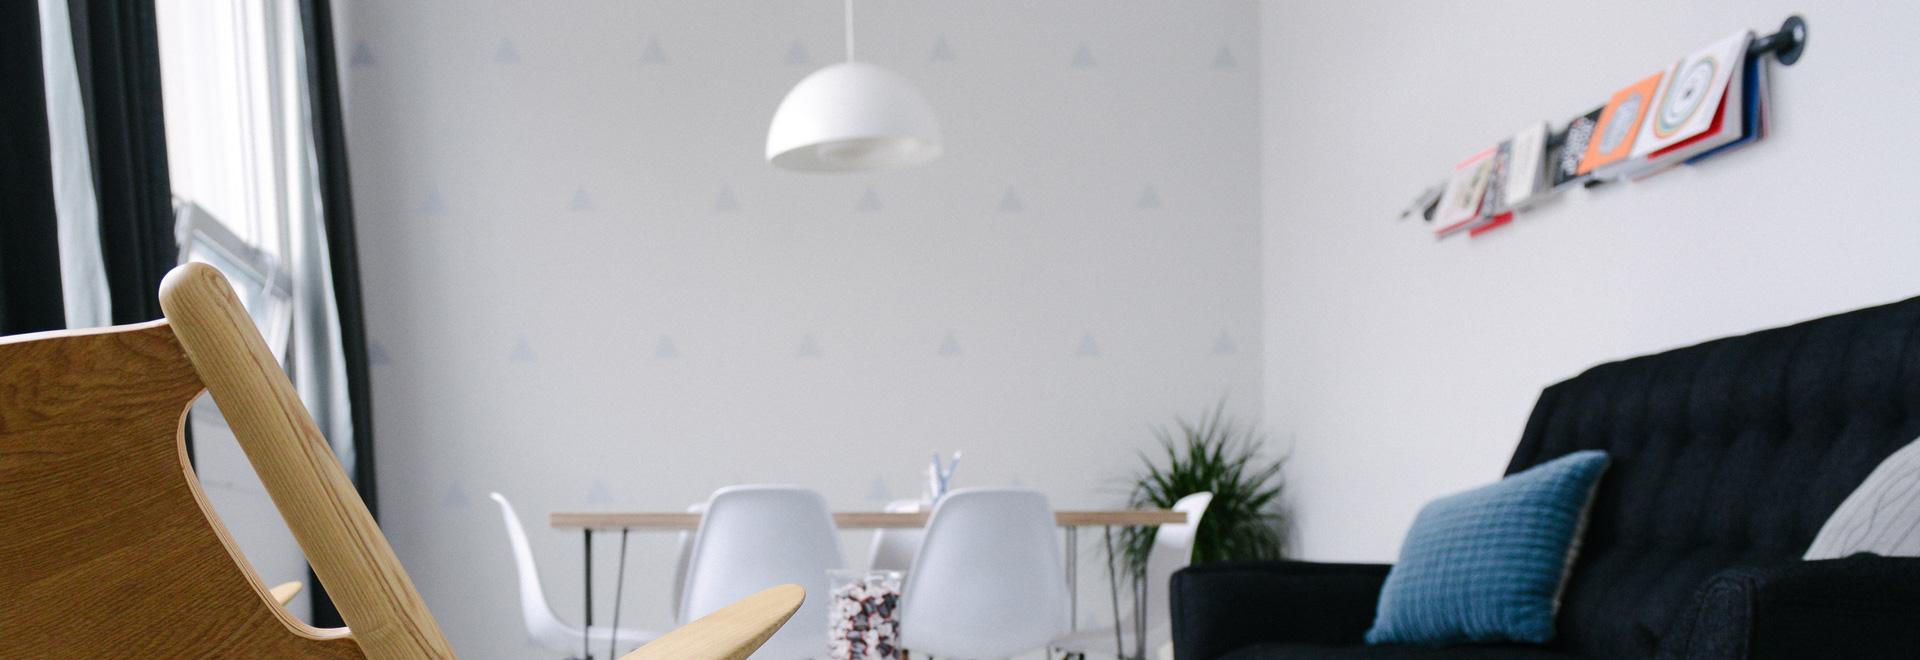 gerofinance changer la dcoration avec du papier peint une riche ide